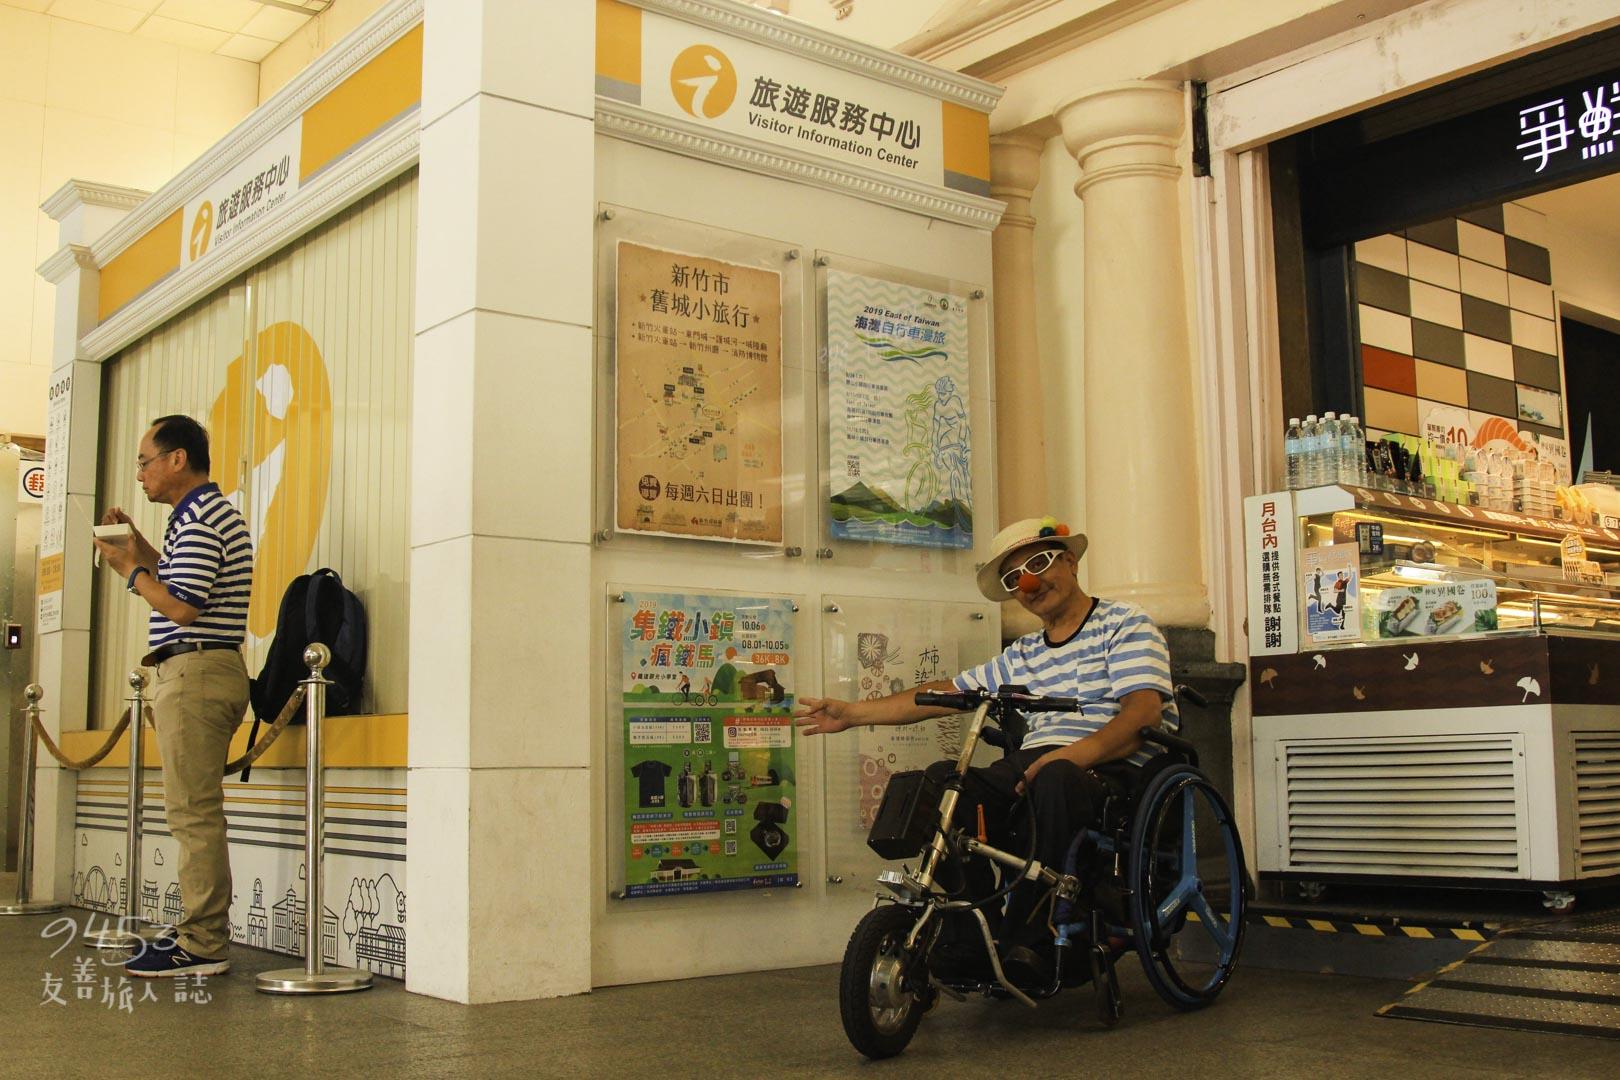 新竹火車站遊客服務中心